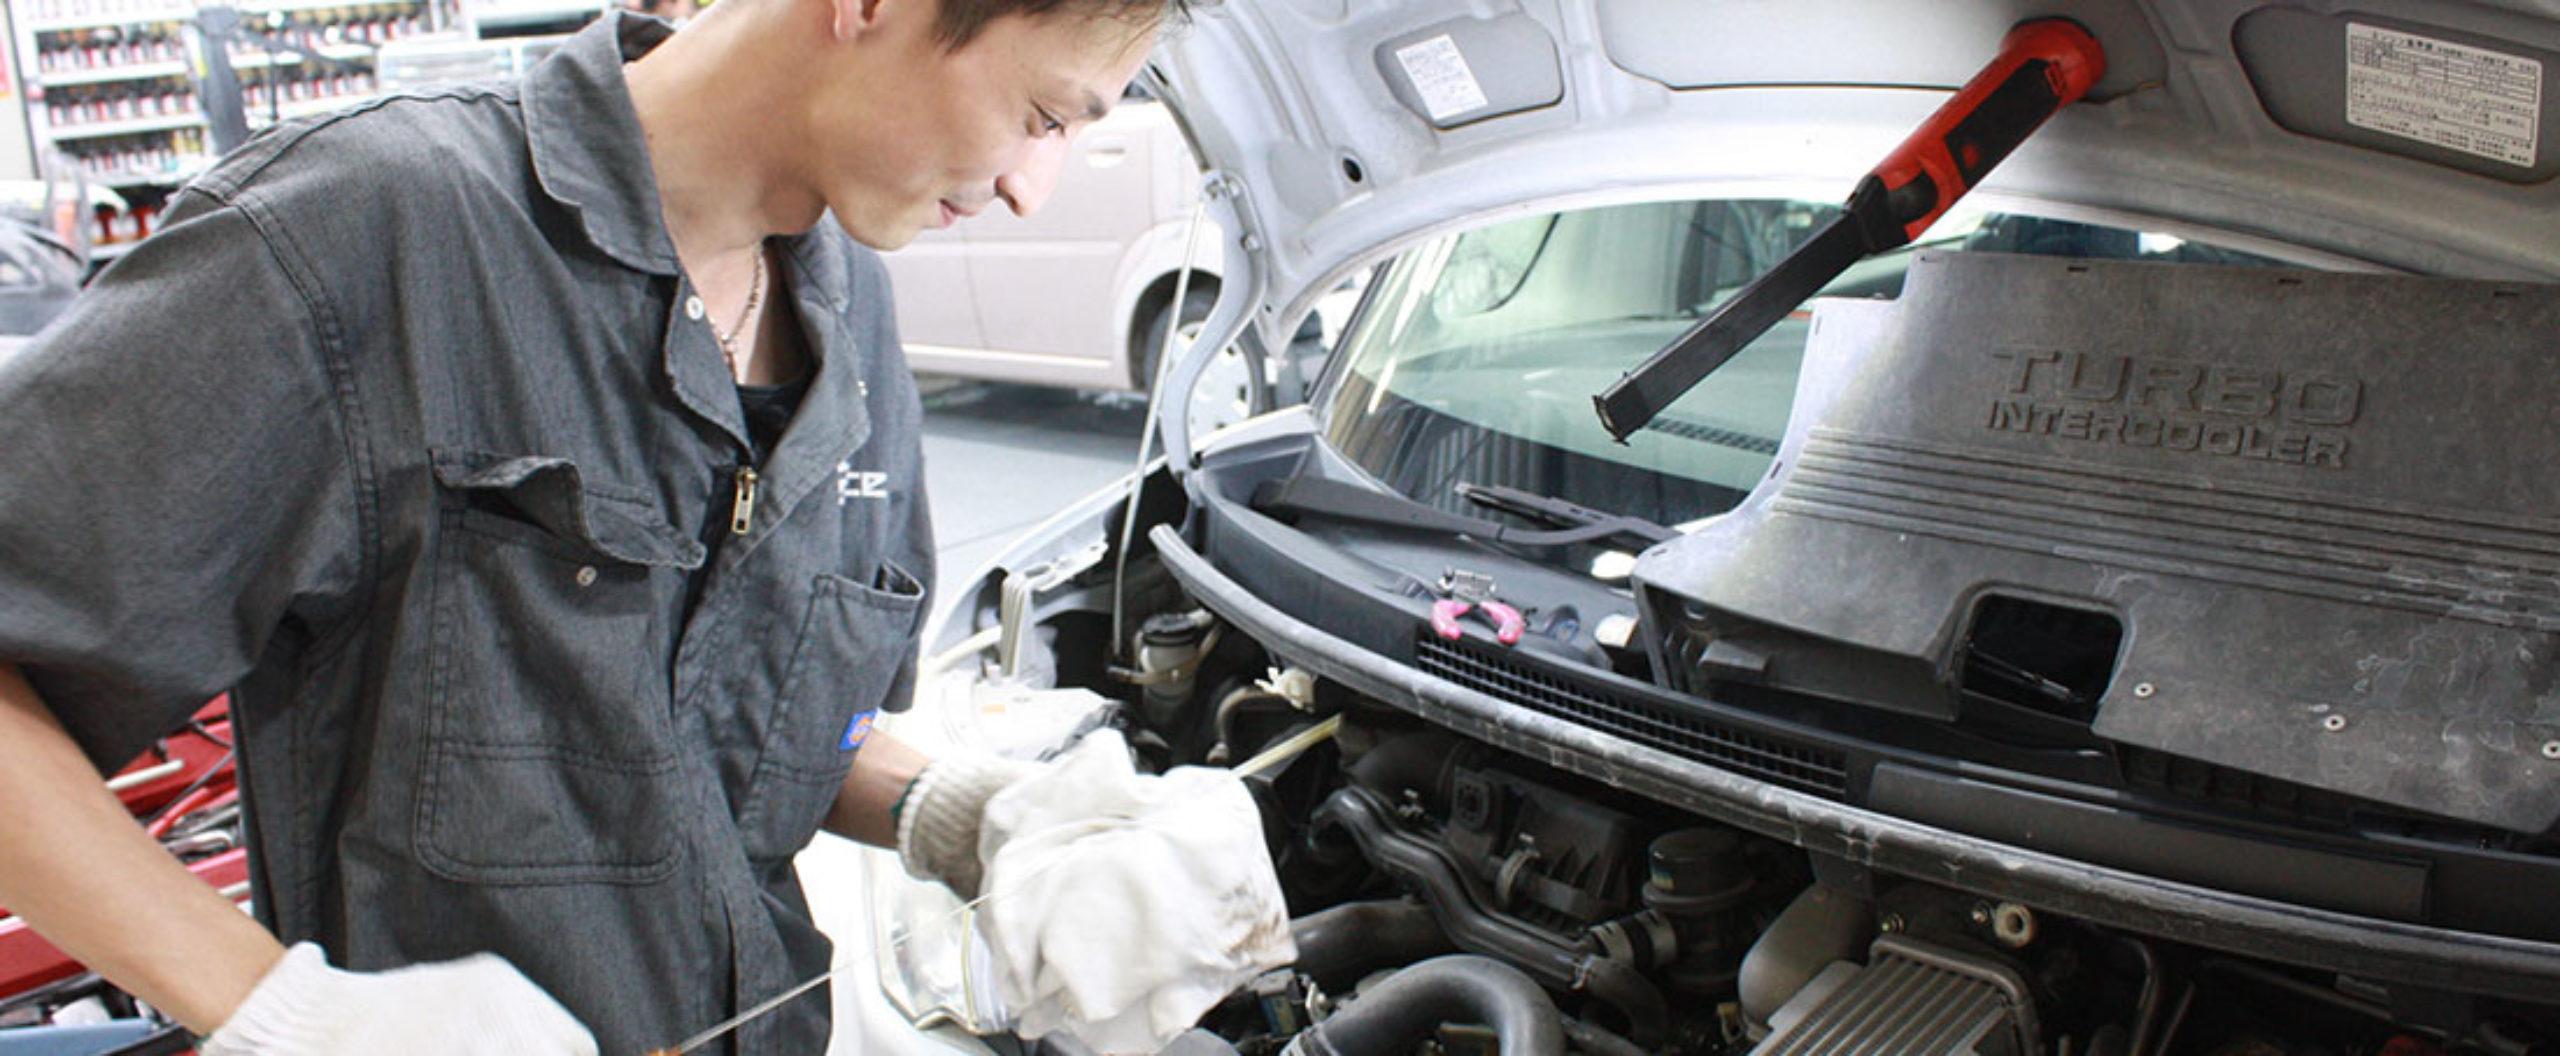 修理・板金、車検、自動車保険、自動車販売・買取など、お車に関することなら京都の大央自動車にご相談ください。